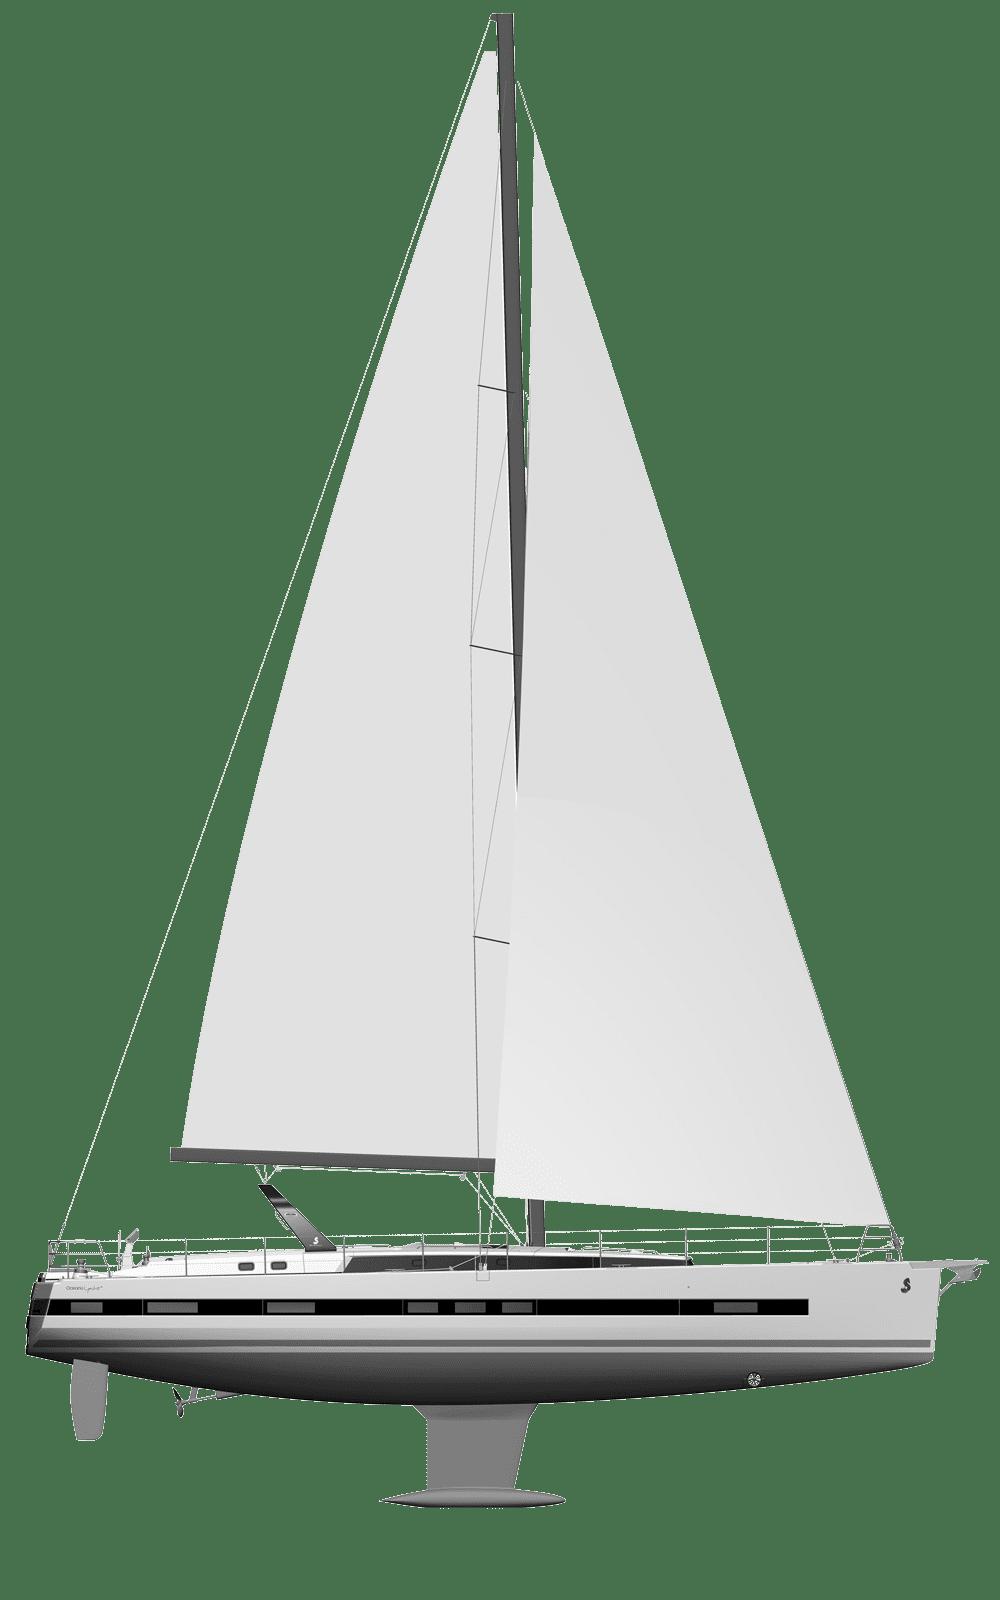 Beneteau Oceanis Range Line Drawing